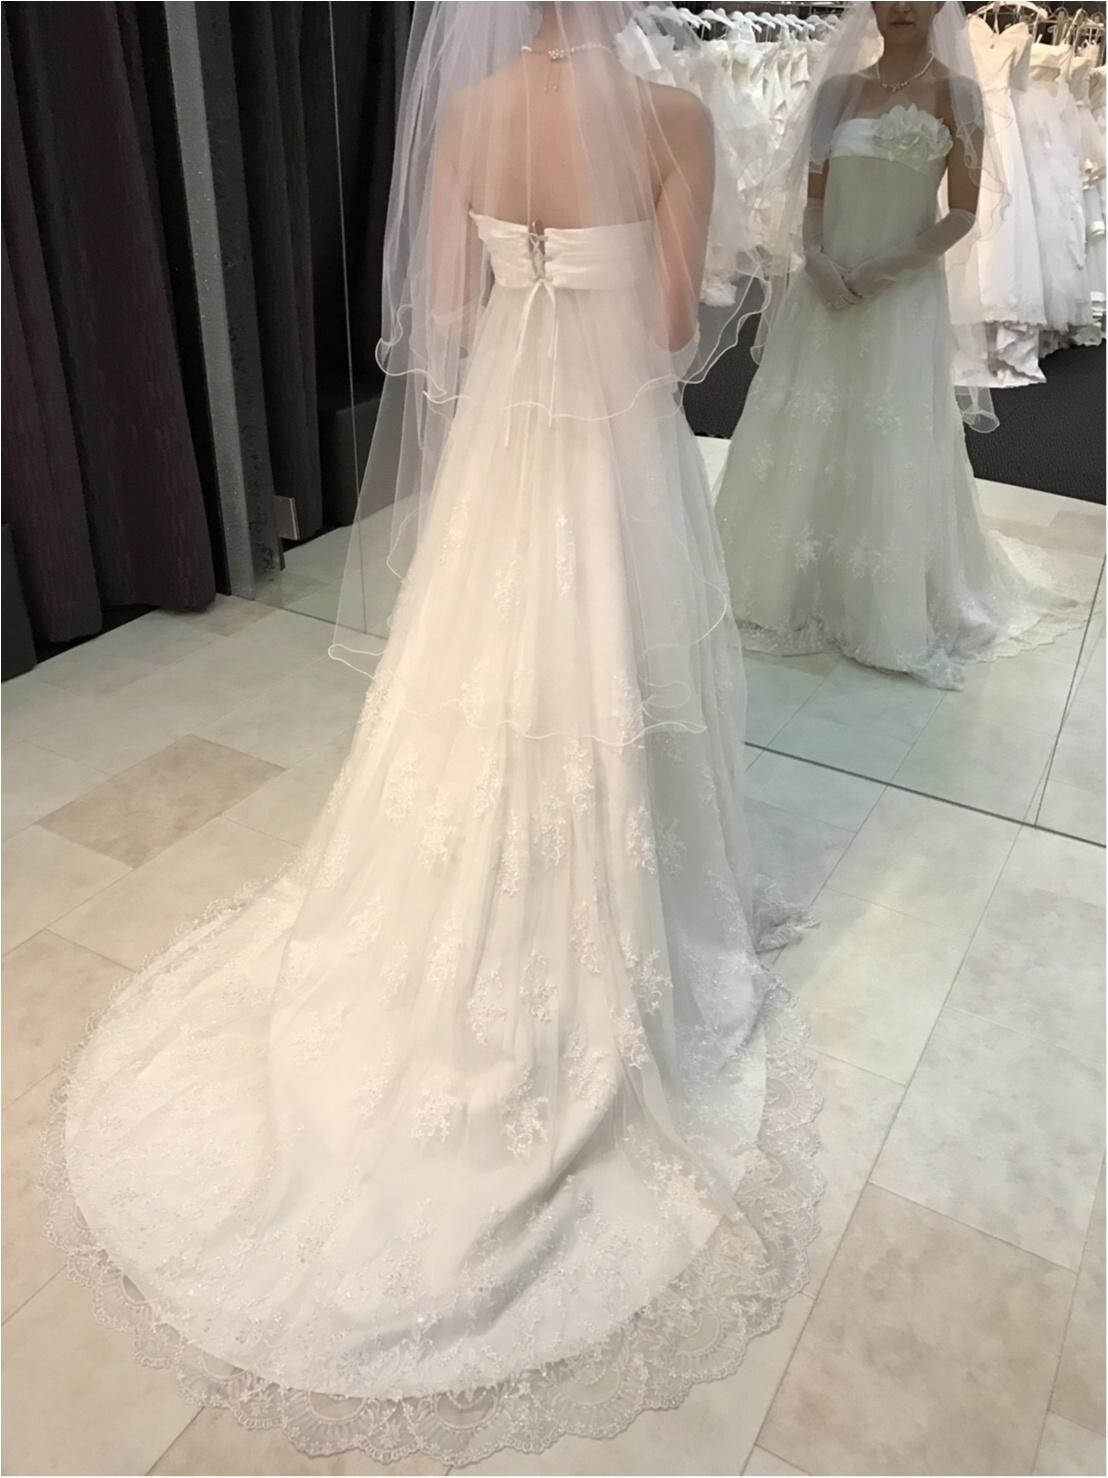 ドレス試着レポ♡4種のデザインで印象はかなり変わる!_4